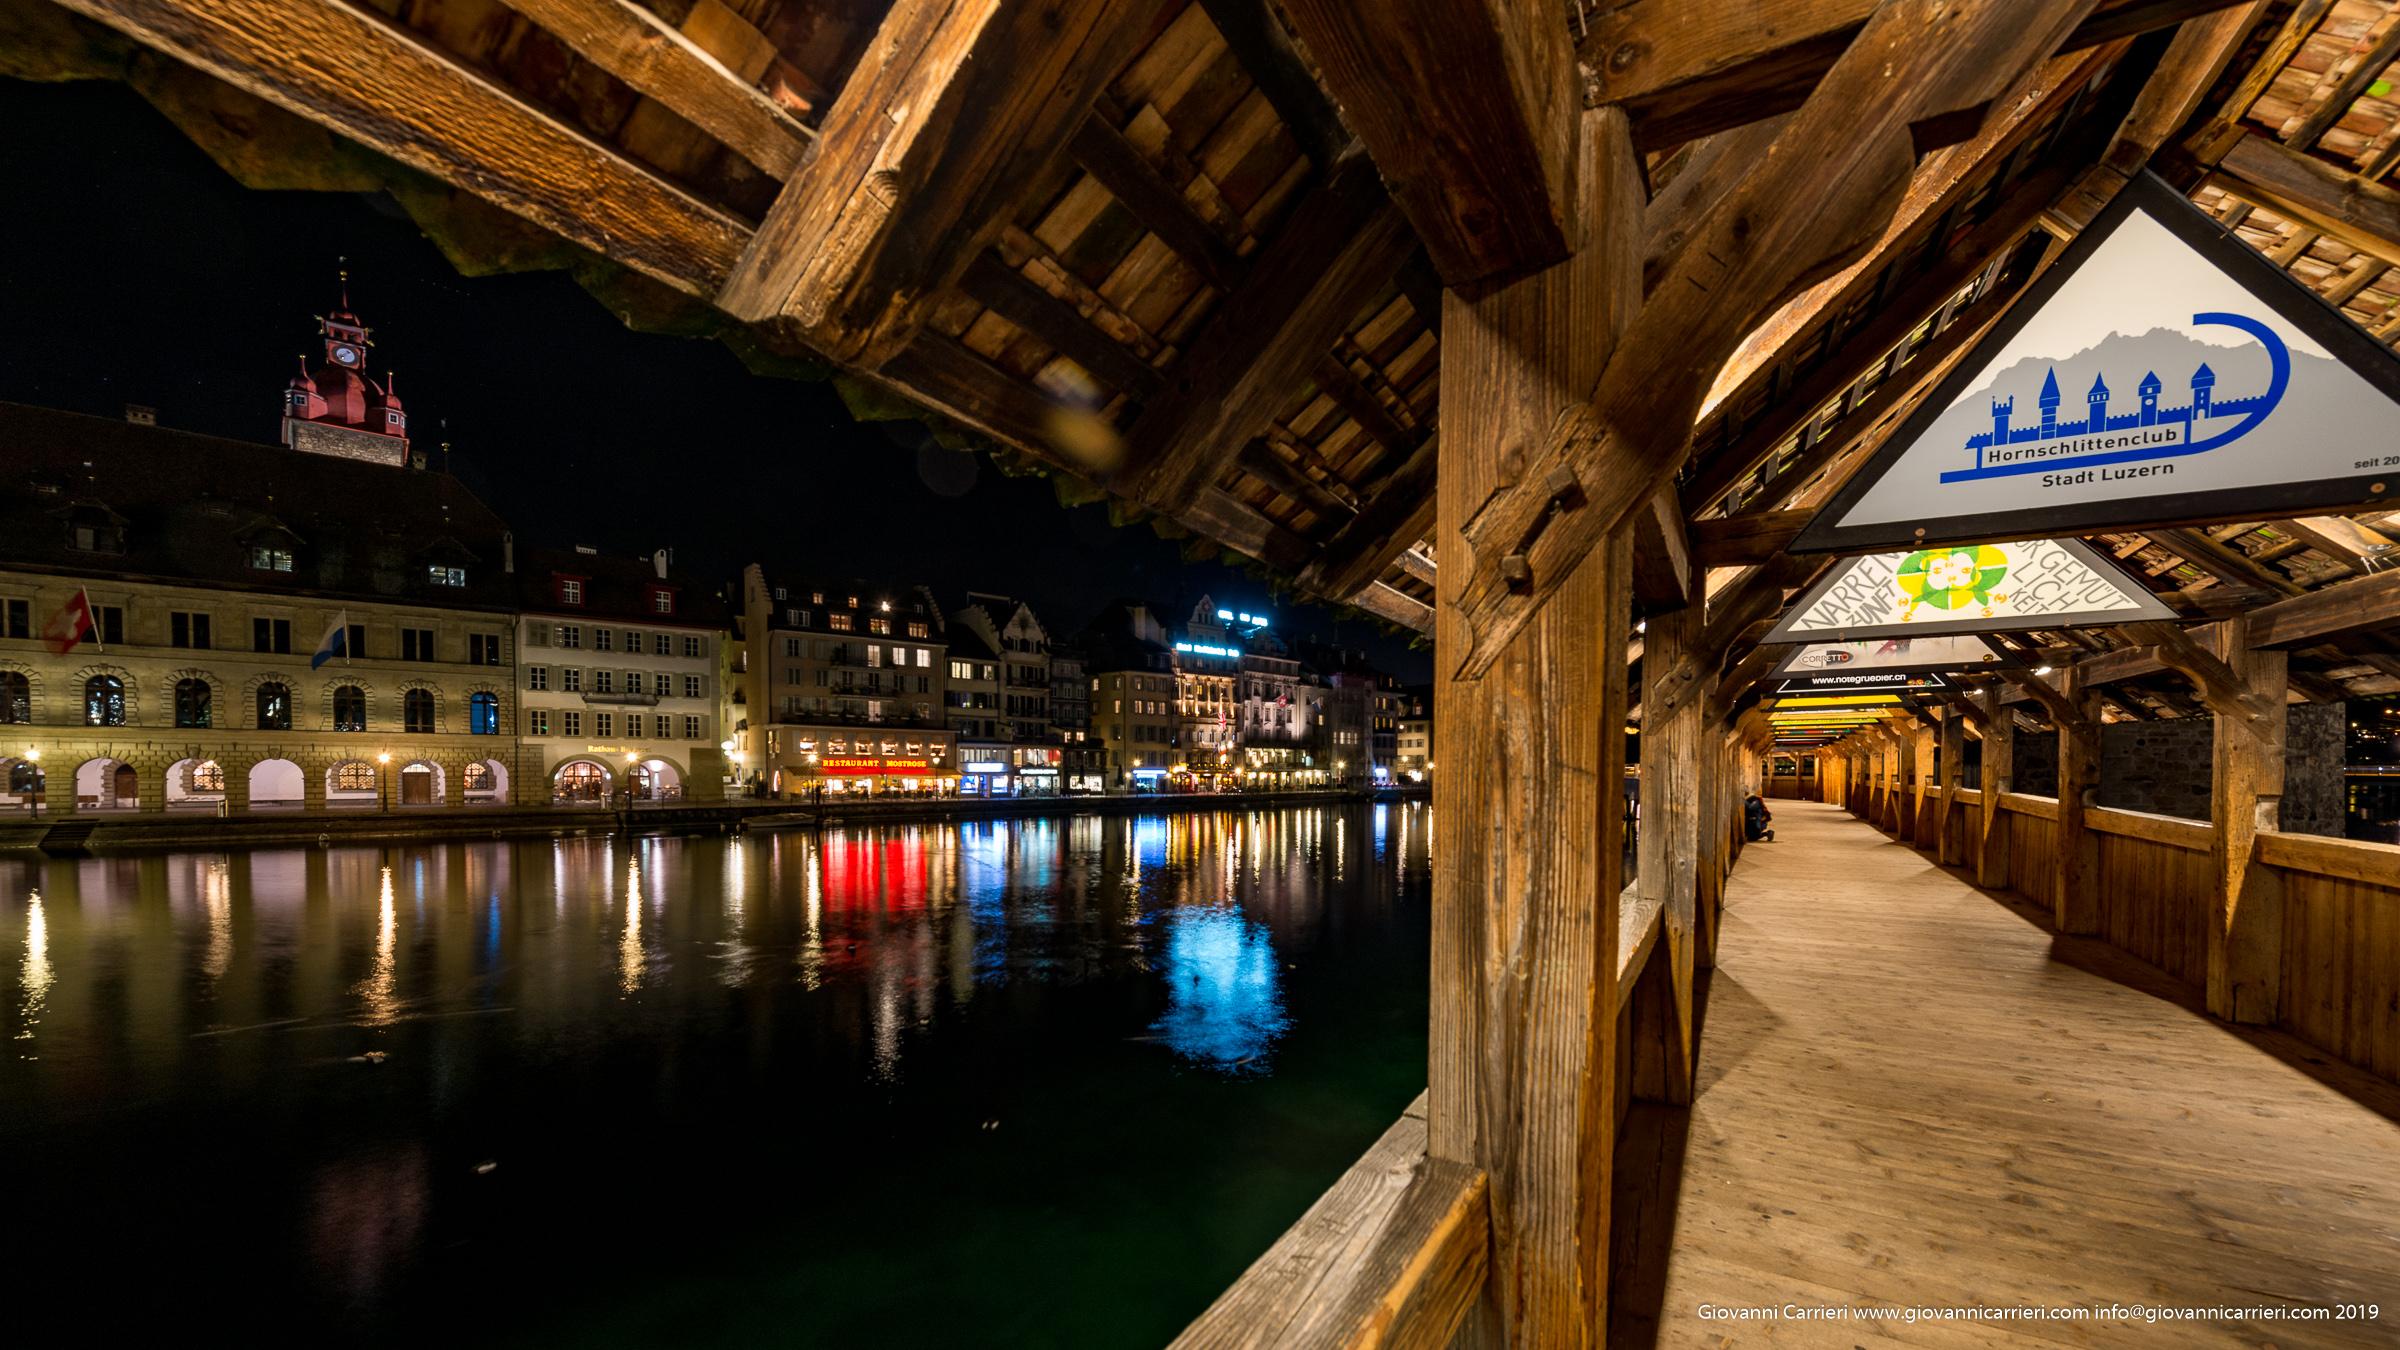 Vista notturna dall'interno del ponte Kapellbrücke del fiume Reuss e dell'antica città di Lucerna